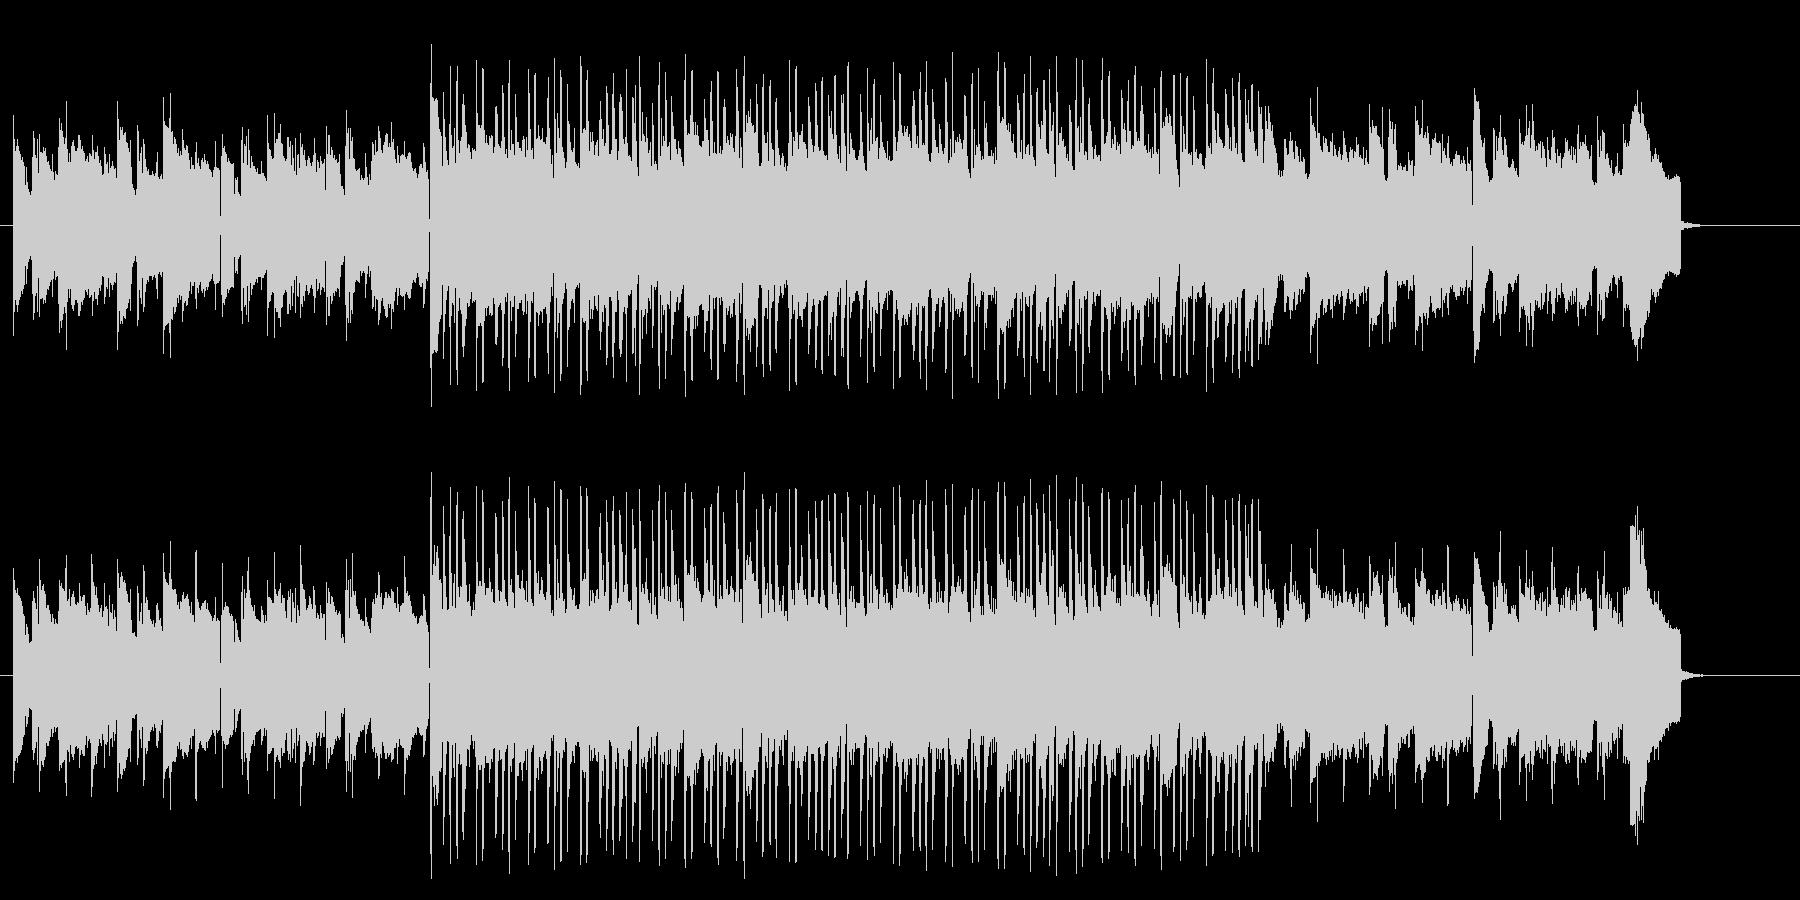 南国のエスニックなワールド系テクノポップの未再生の波形